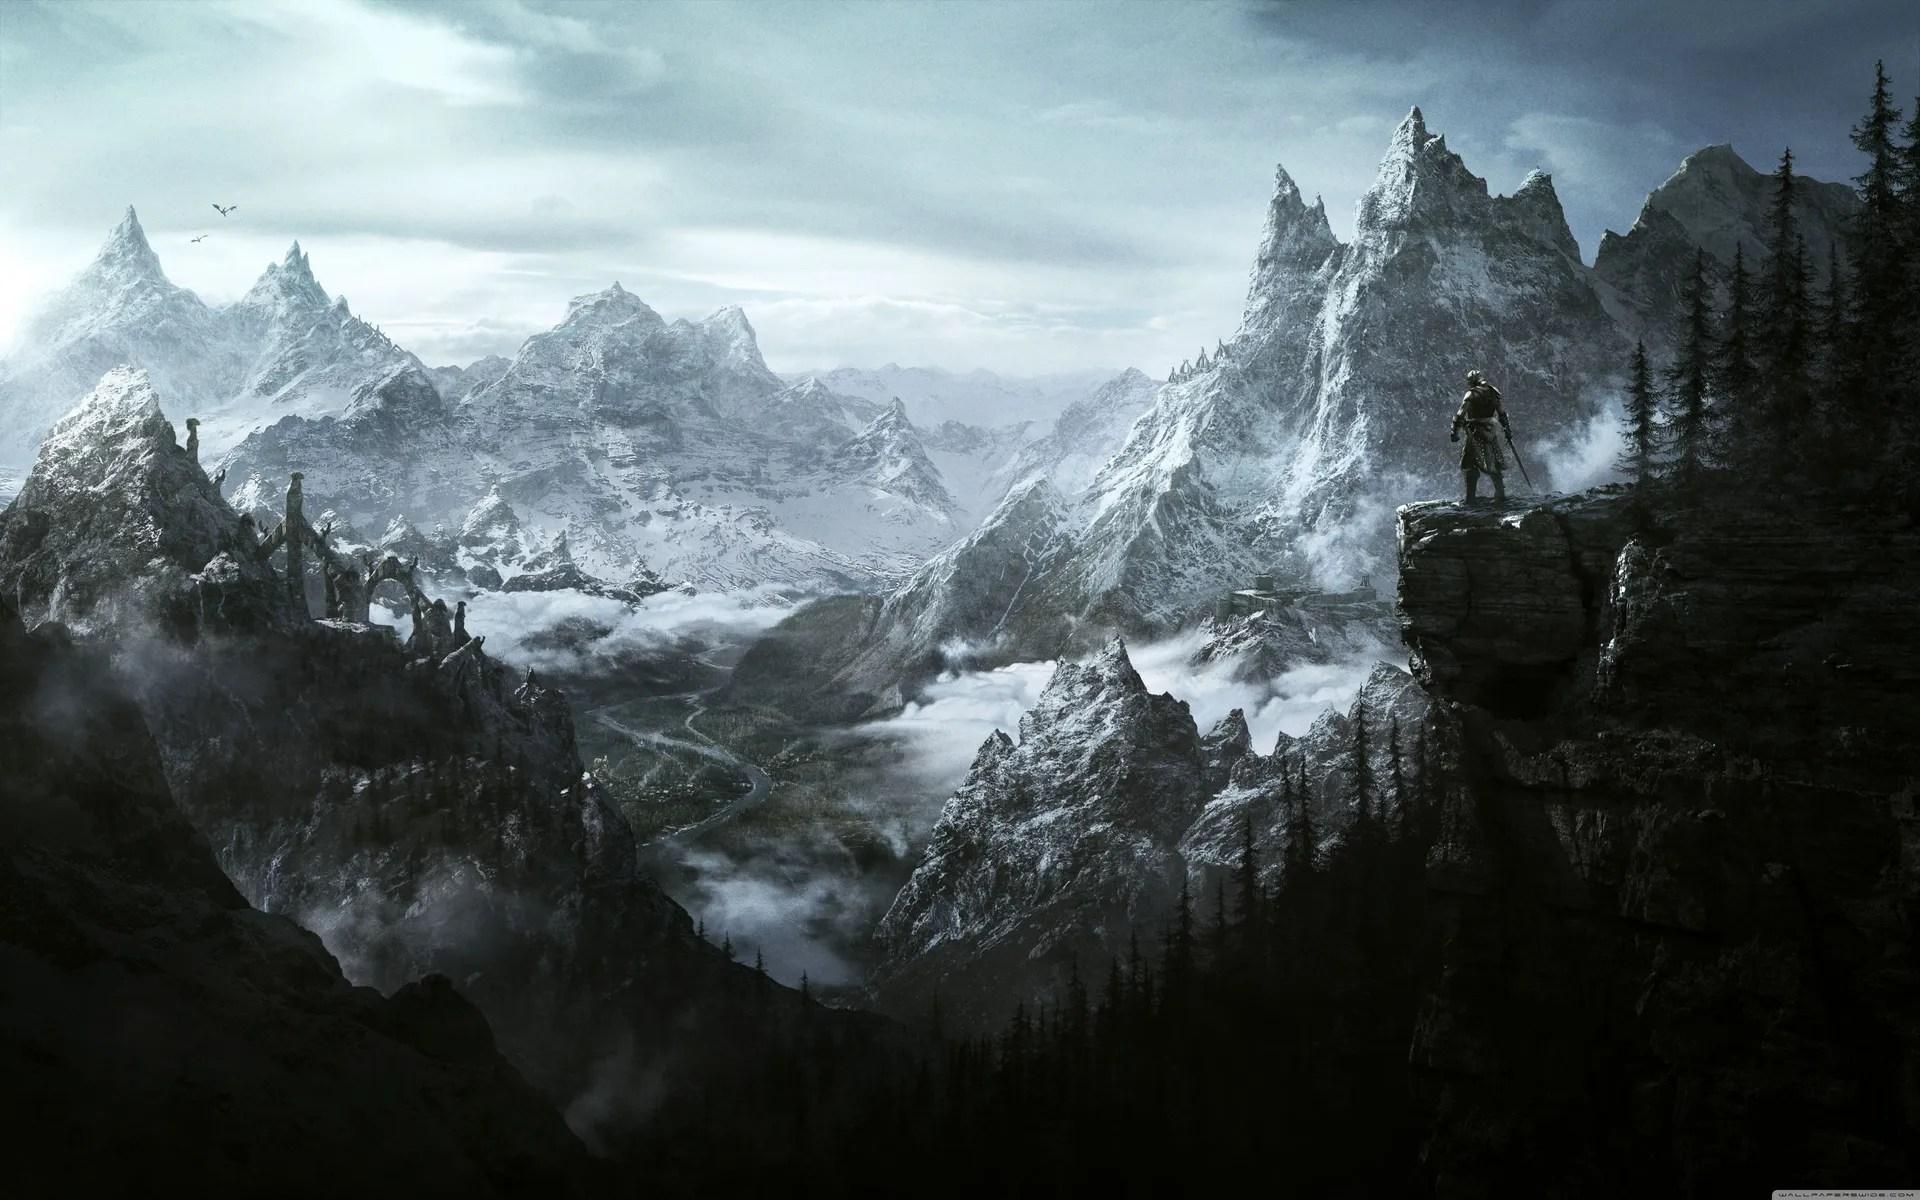 Fall Pumpkin Desktop Wallpaper Free Arts And Crafts Creative Fall Landscape Pumpkin House